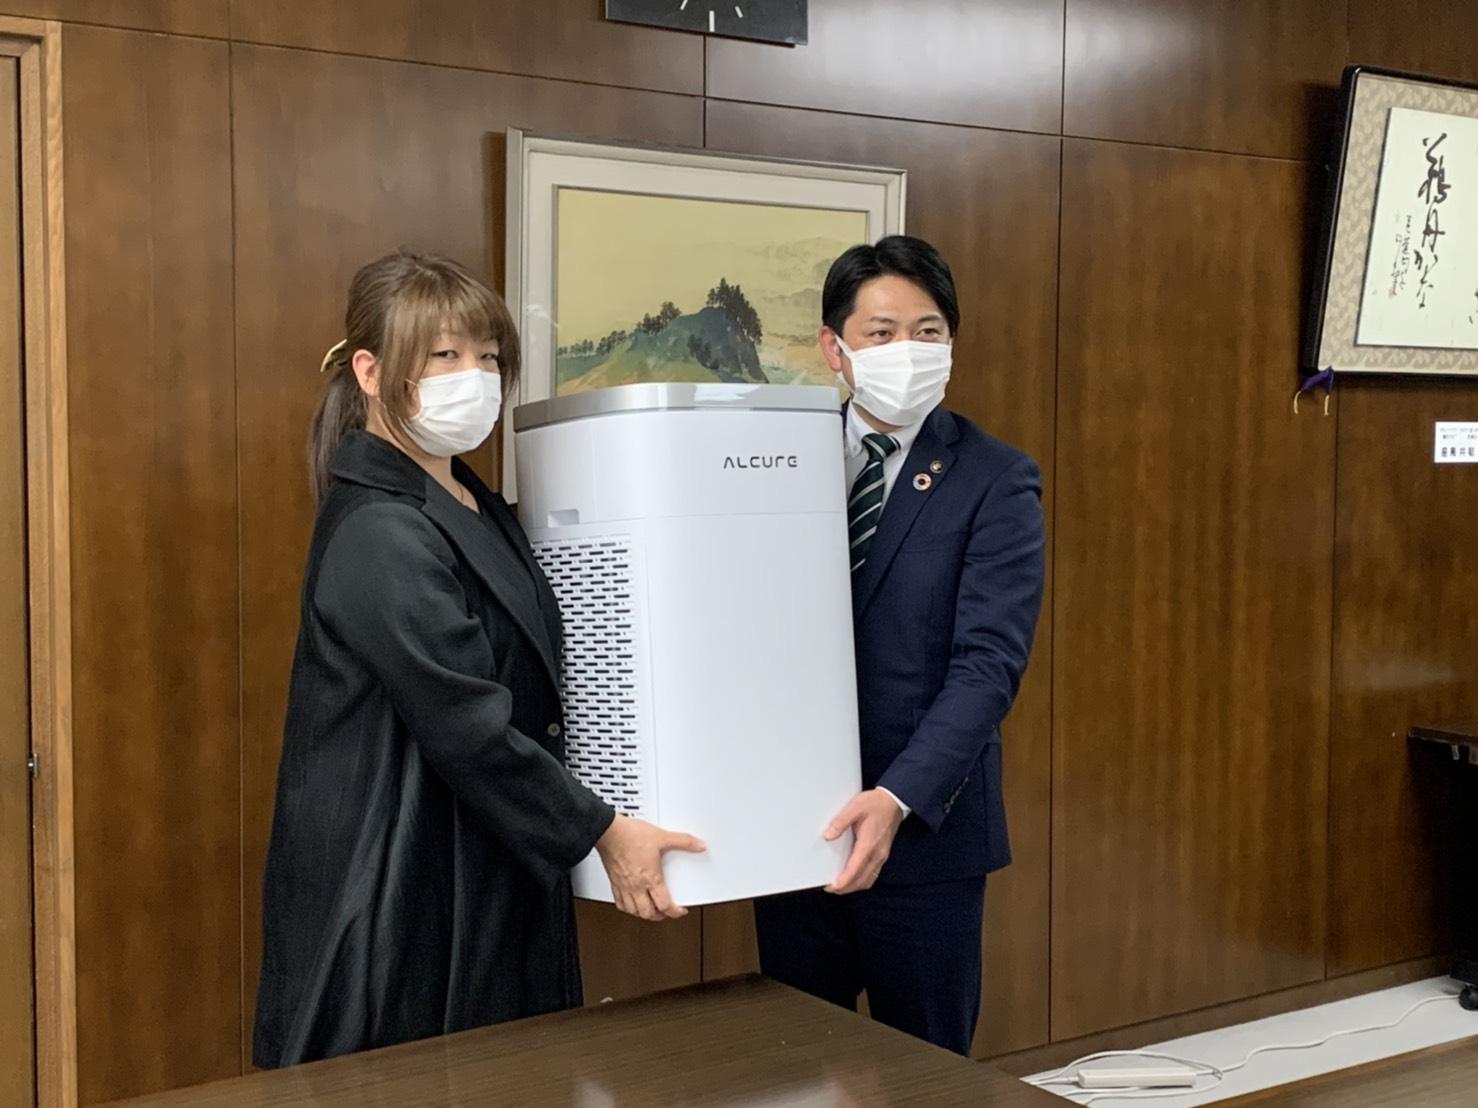 岐阜市に空気清浄機を寄付いたしました